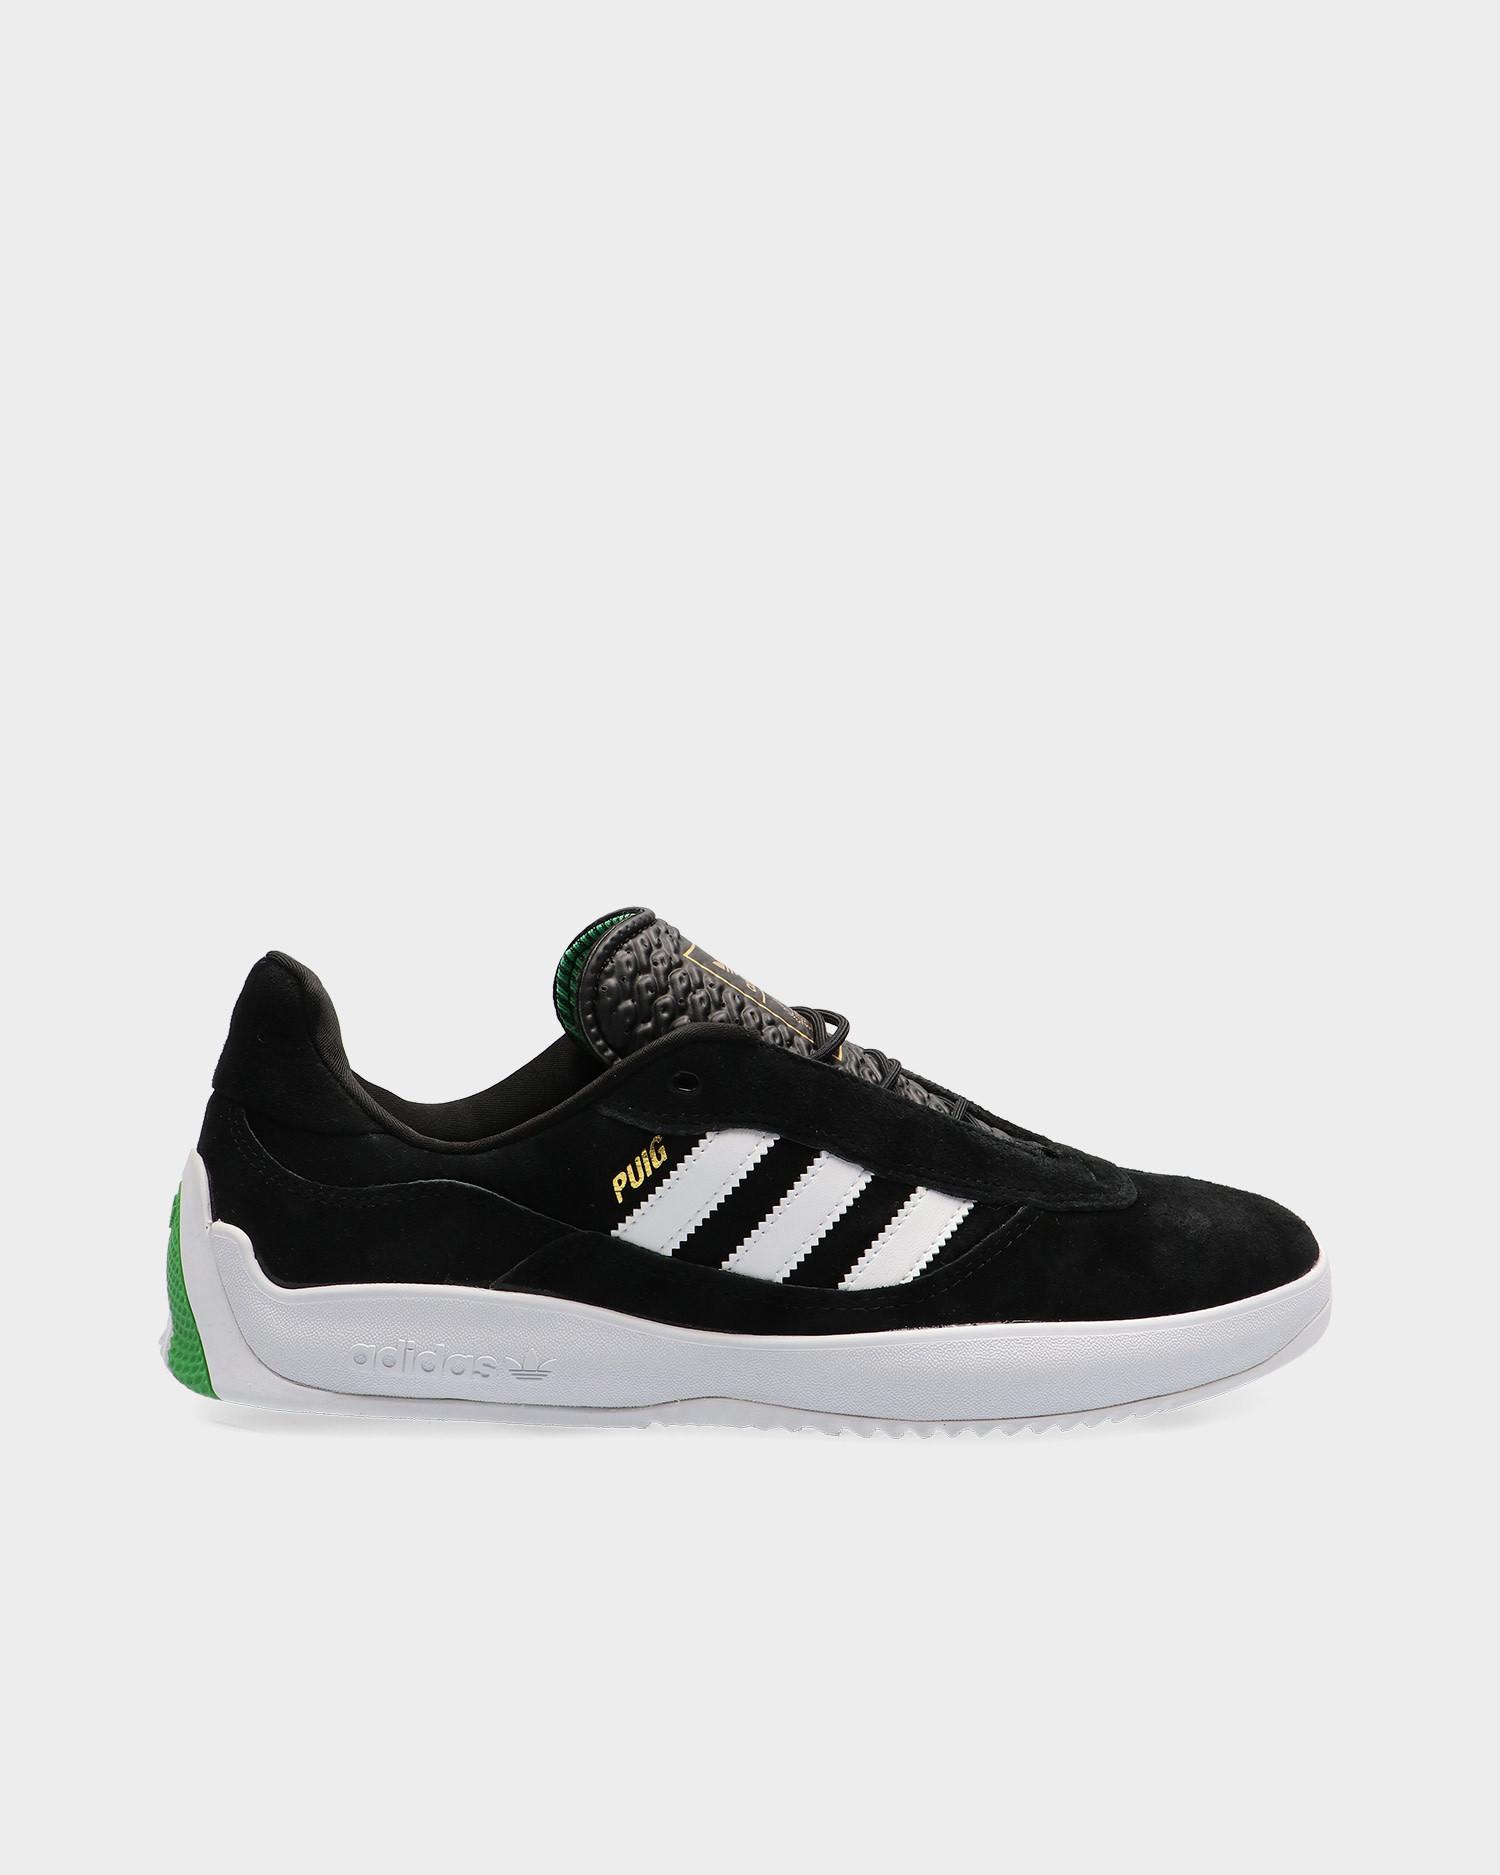 Adidas Puig Cblack/Ftwwht/Vivgrn